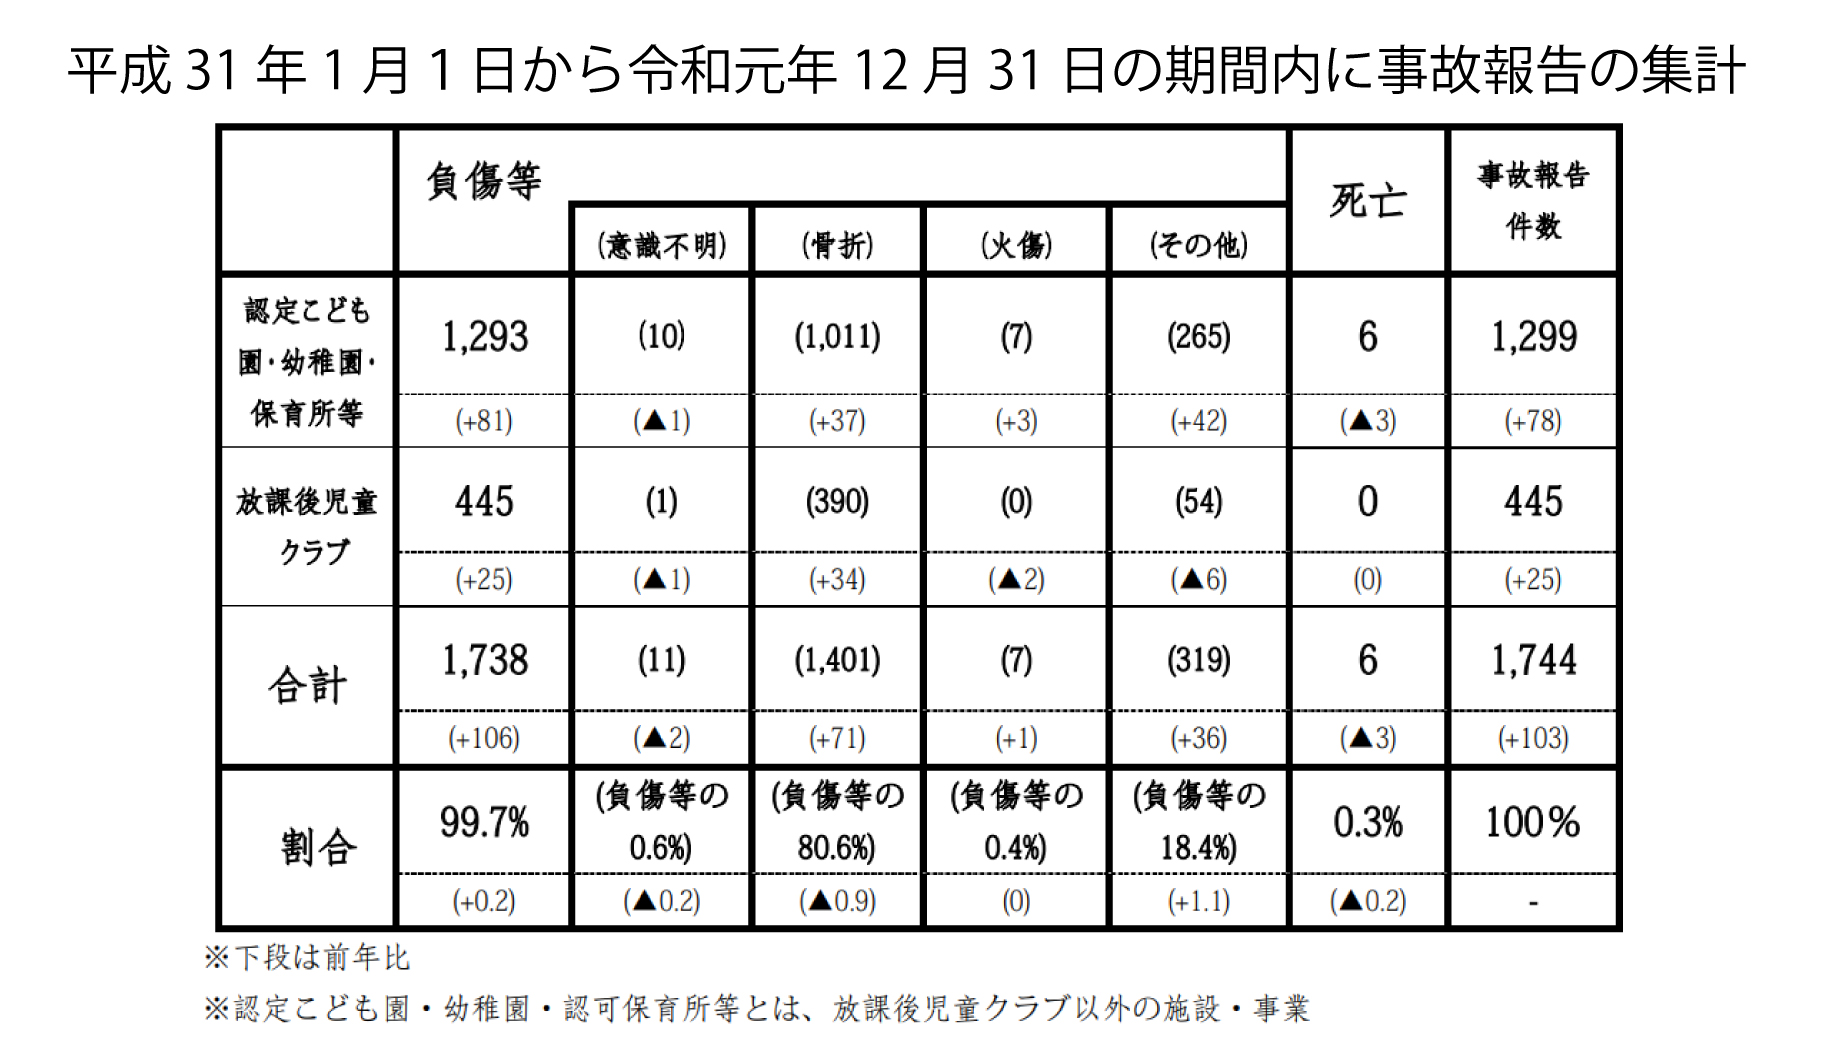 平成 31 年 1 月1日から令和元年 12 月 31 日の期間内に事故報告の集計